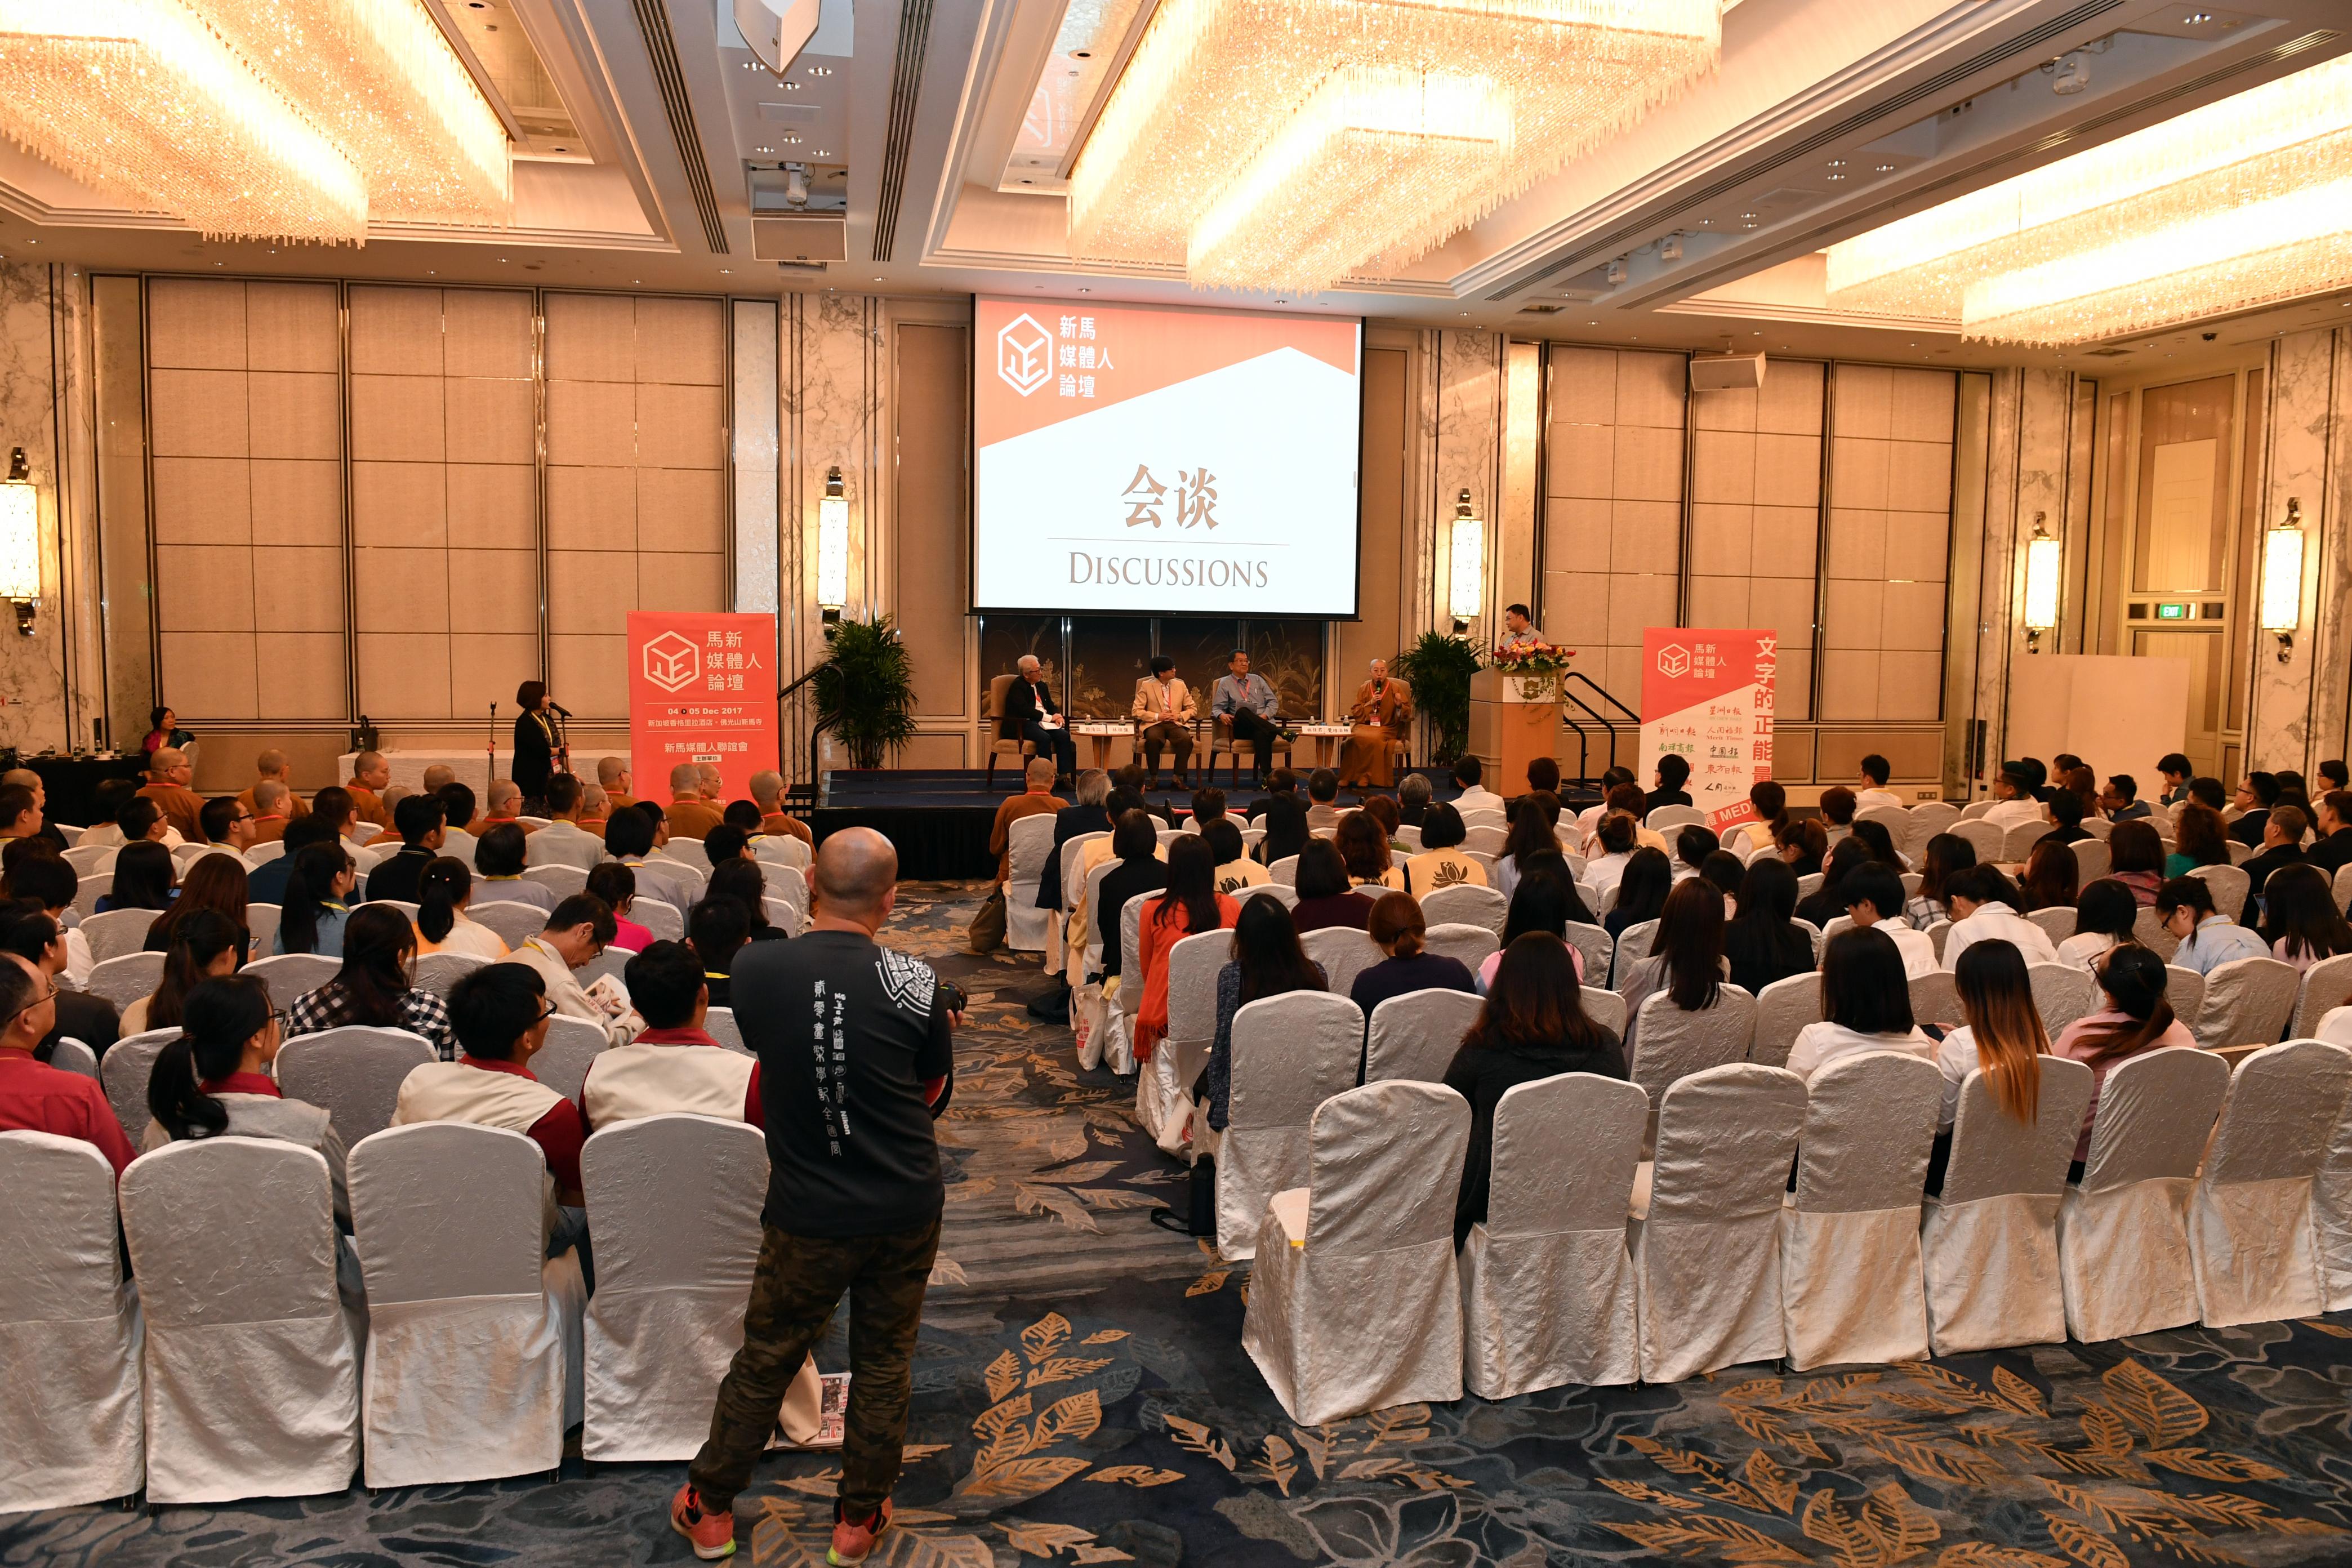 约200名新马新闻从业员和大专 学府的新闻及传媒系学生出席论坛。